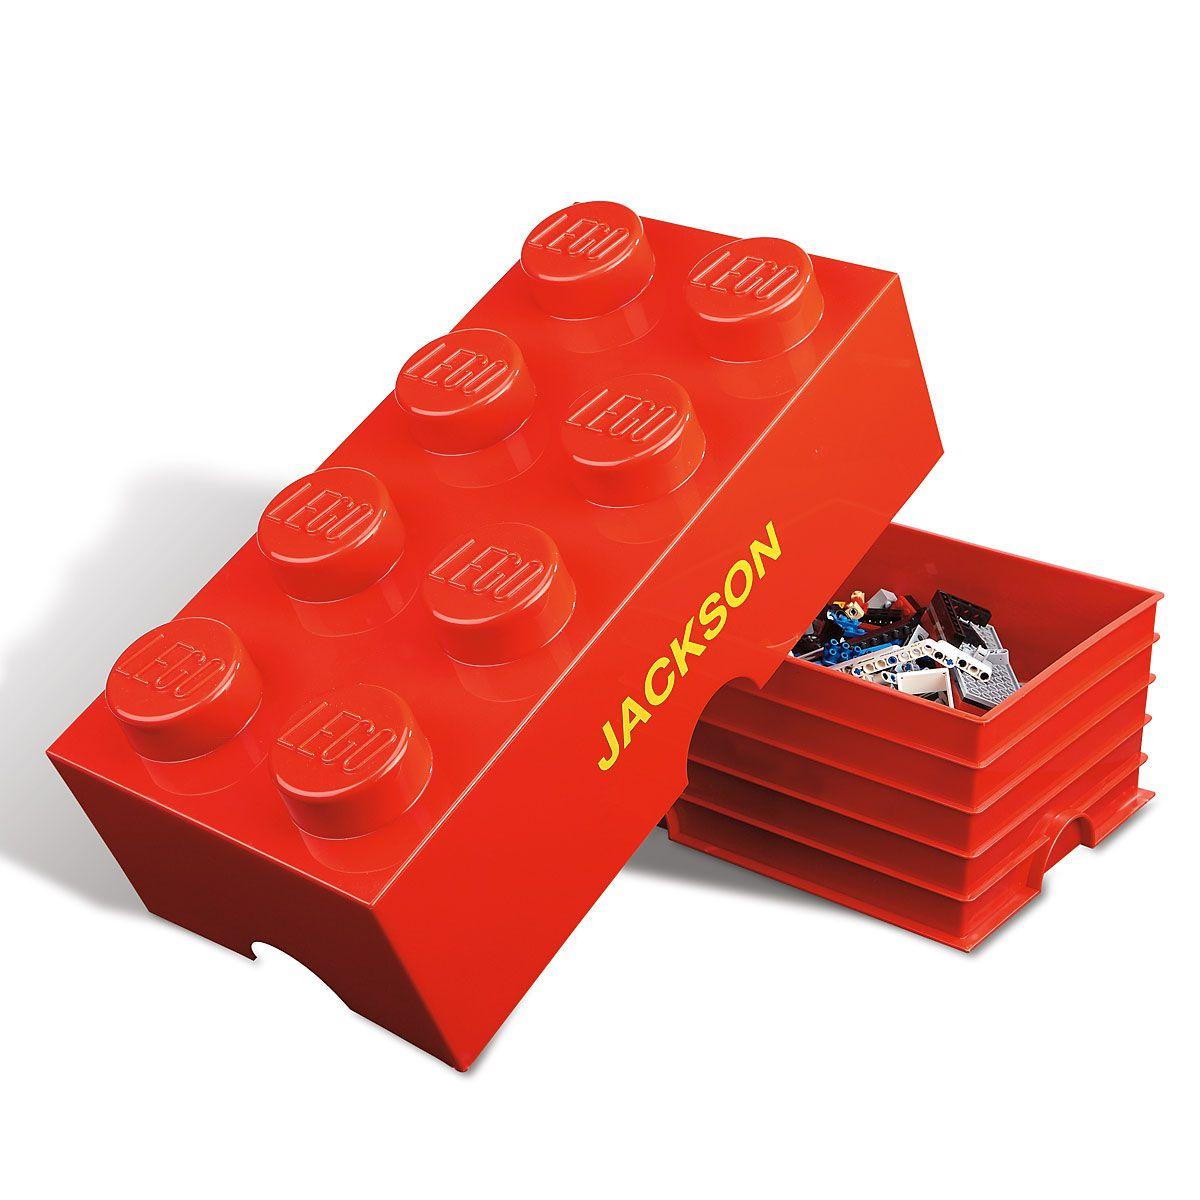 Personalized Lego® Storage Brick